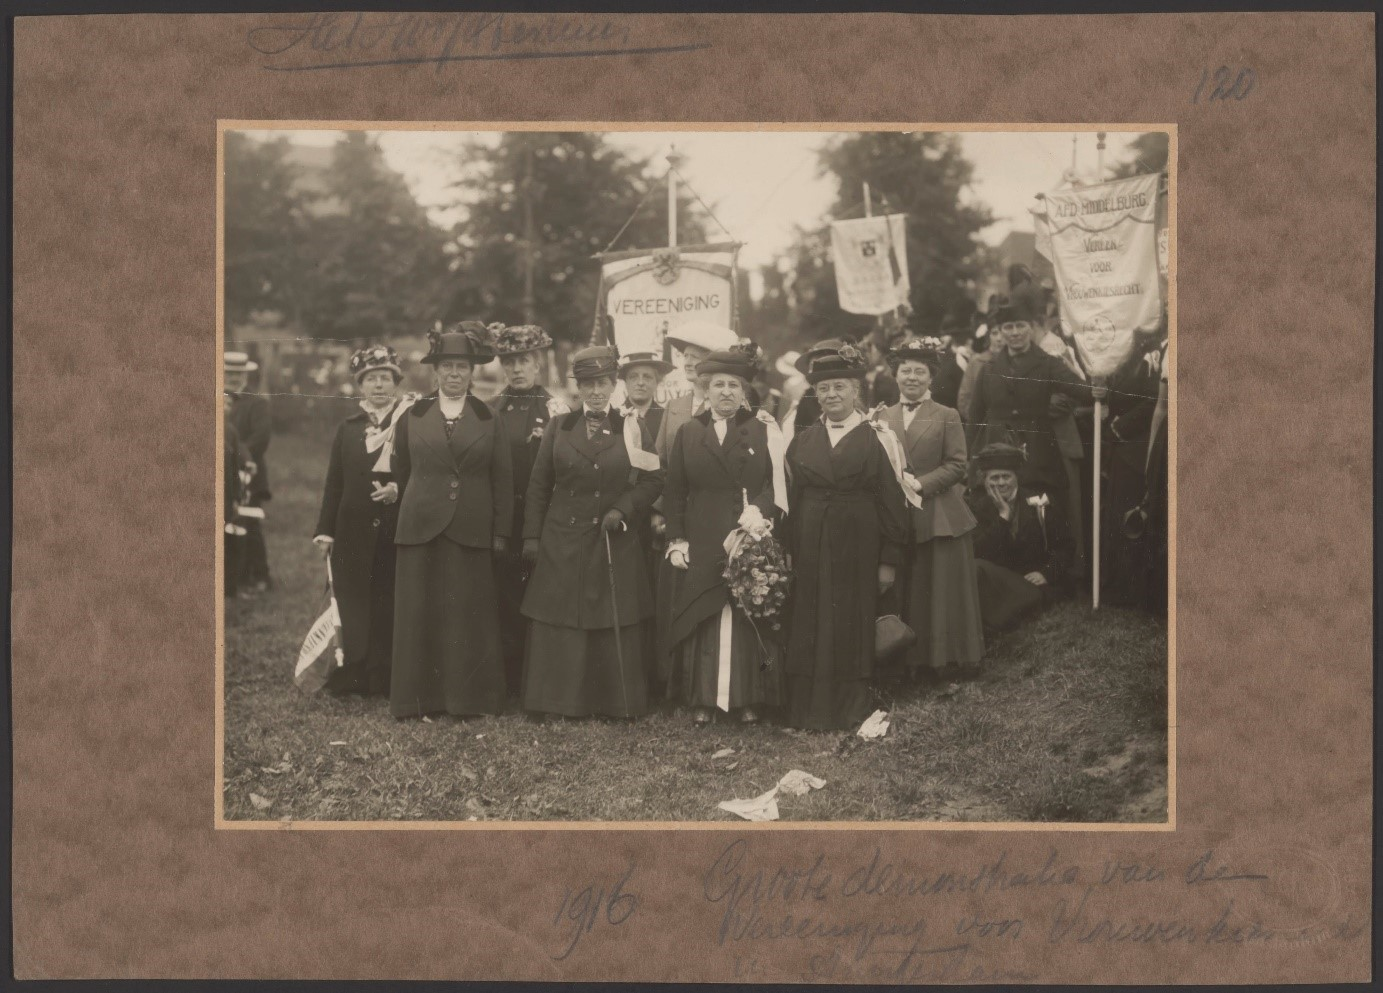 hoofdbestuur vereeniging voor vrouwenkiesrecht op grote vrouwenkiesrechtdemonstratie in amsterdam op 18 juni 1916